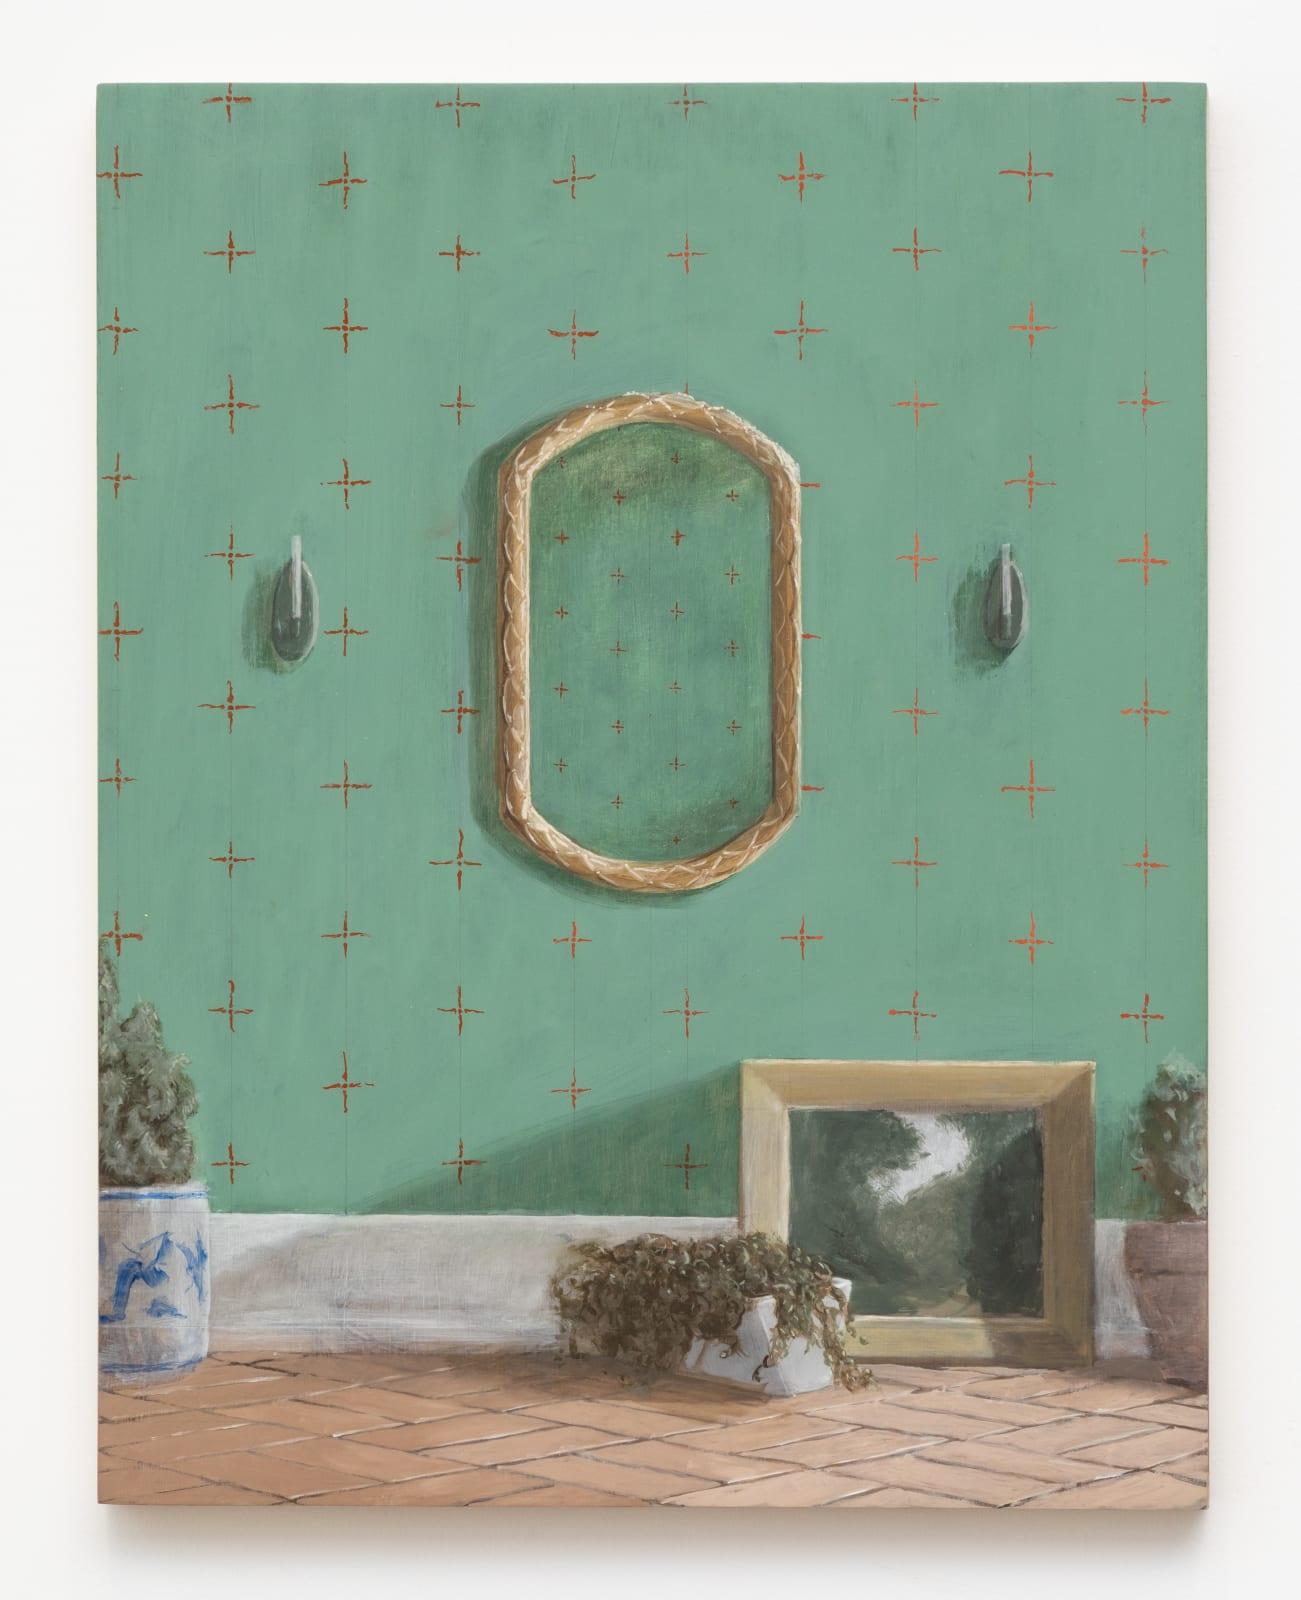 Quentin James McCaffrey, Garden Room, 2020